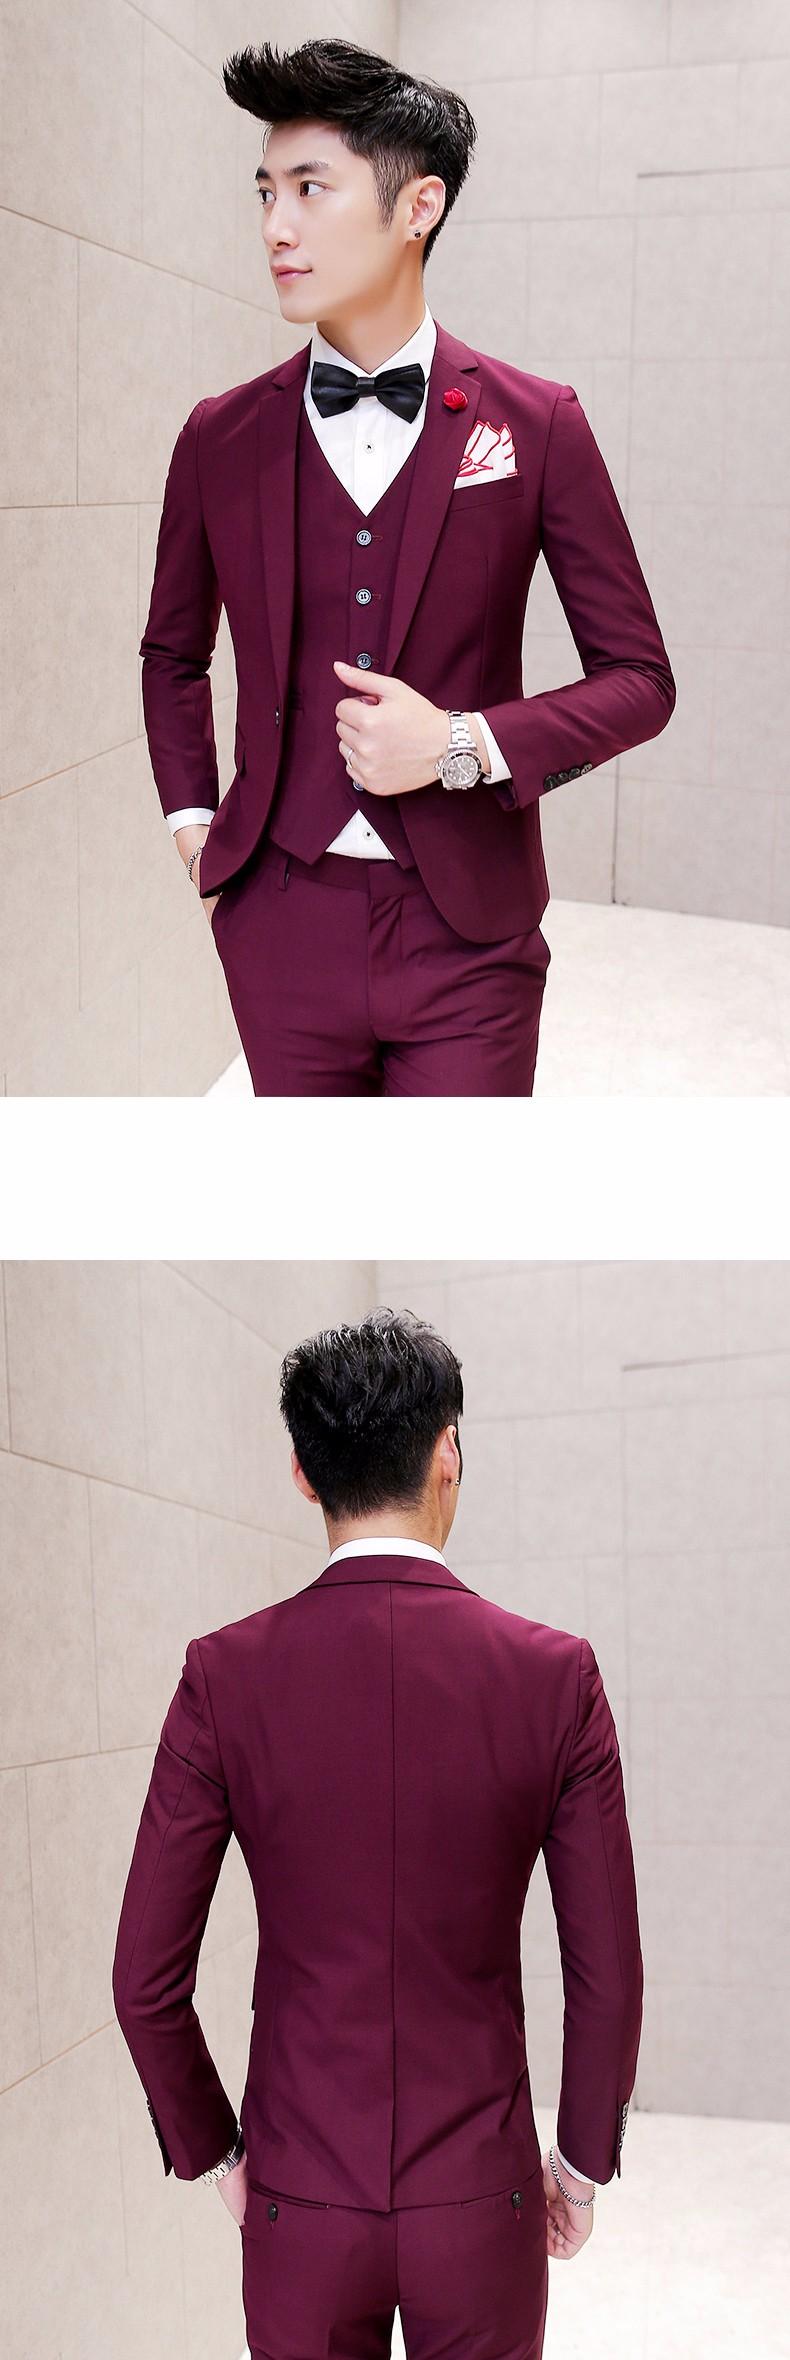 burgundy designer prom suits